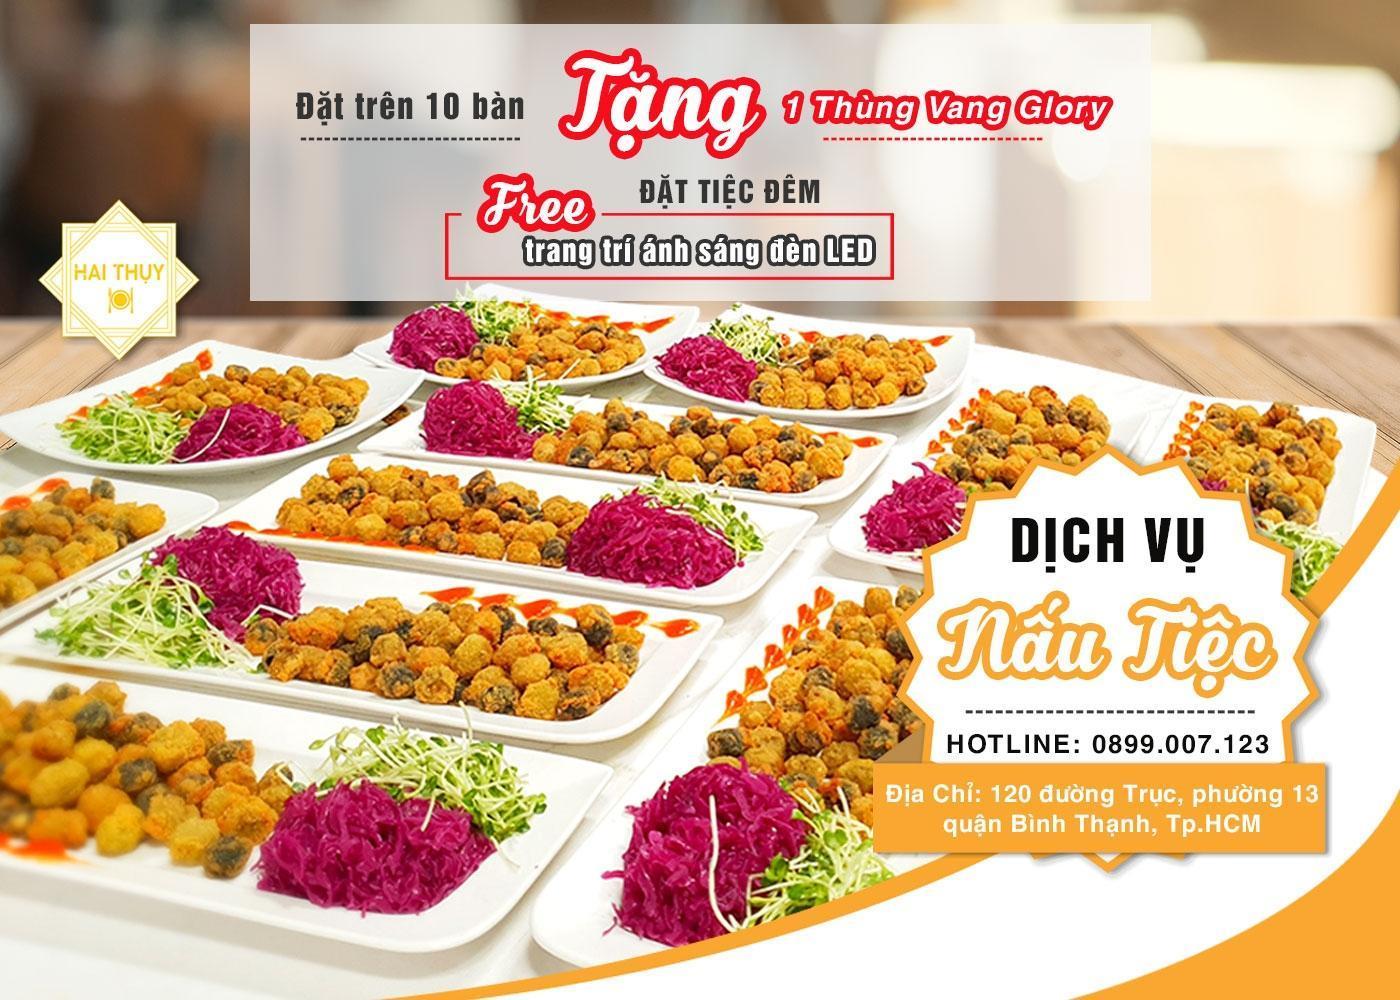 """Khó có thể """"chối từ"""" những điều tốt nhất với dịch vụ nấu tiệc Hai Thụy Catering"""